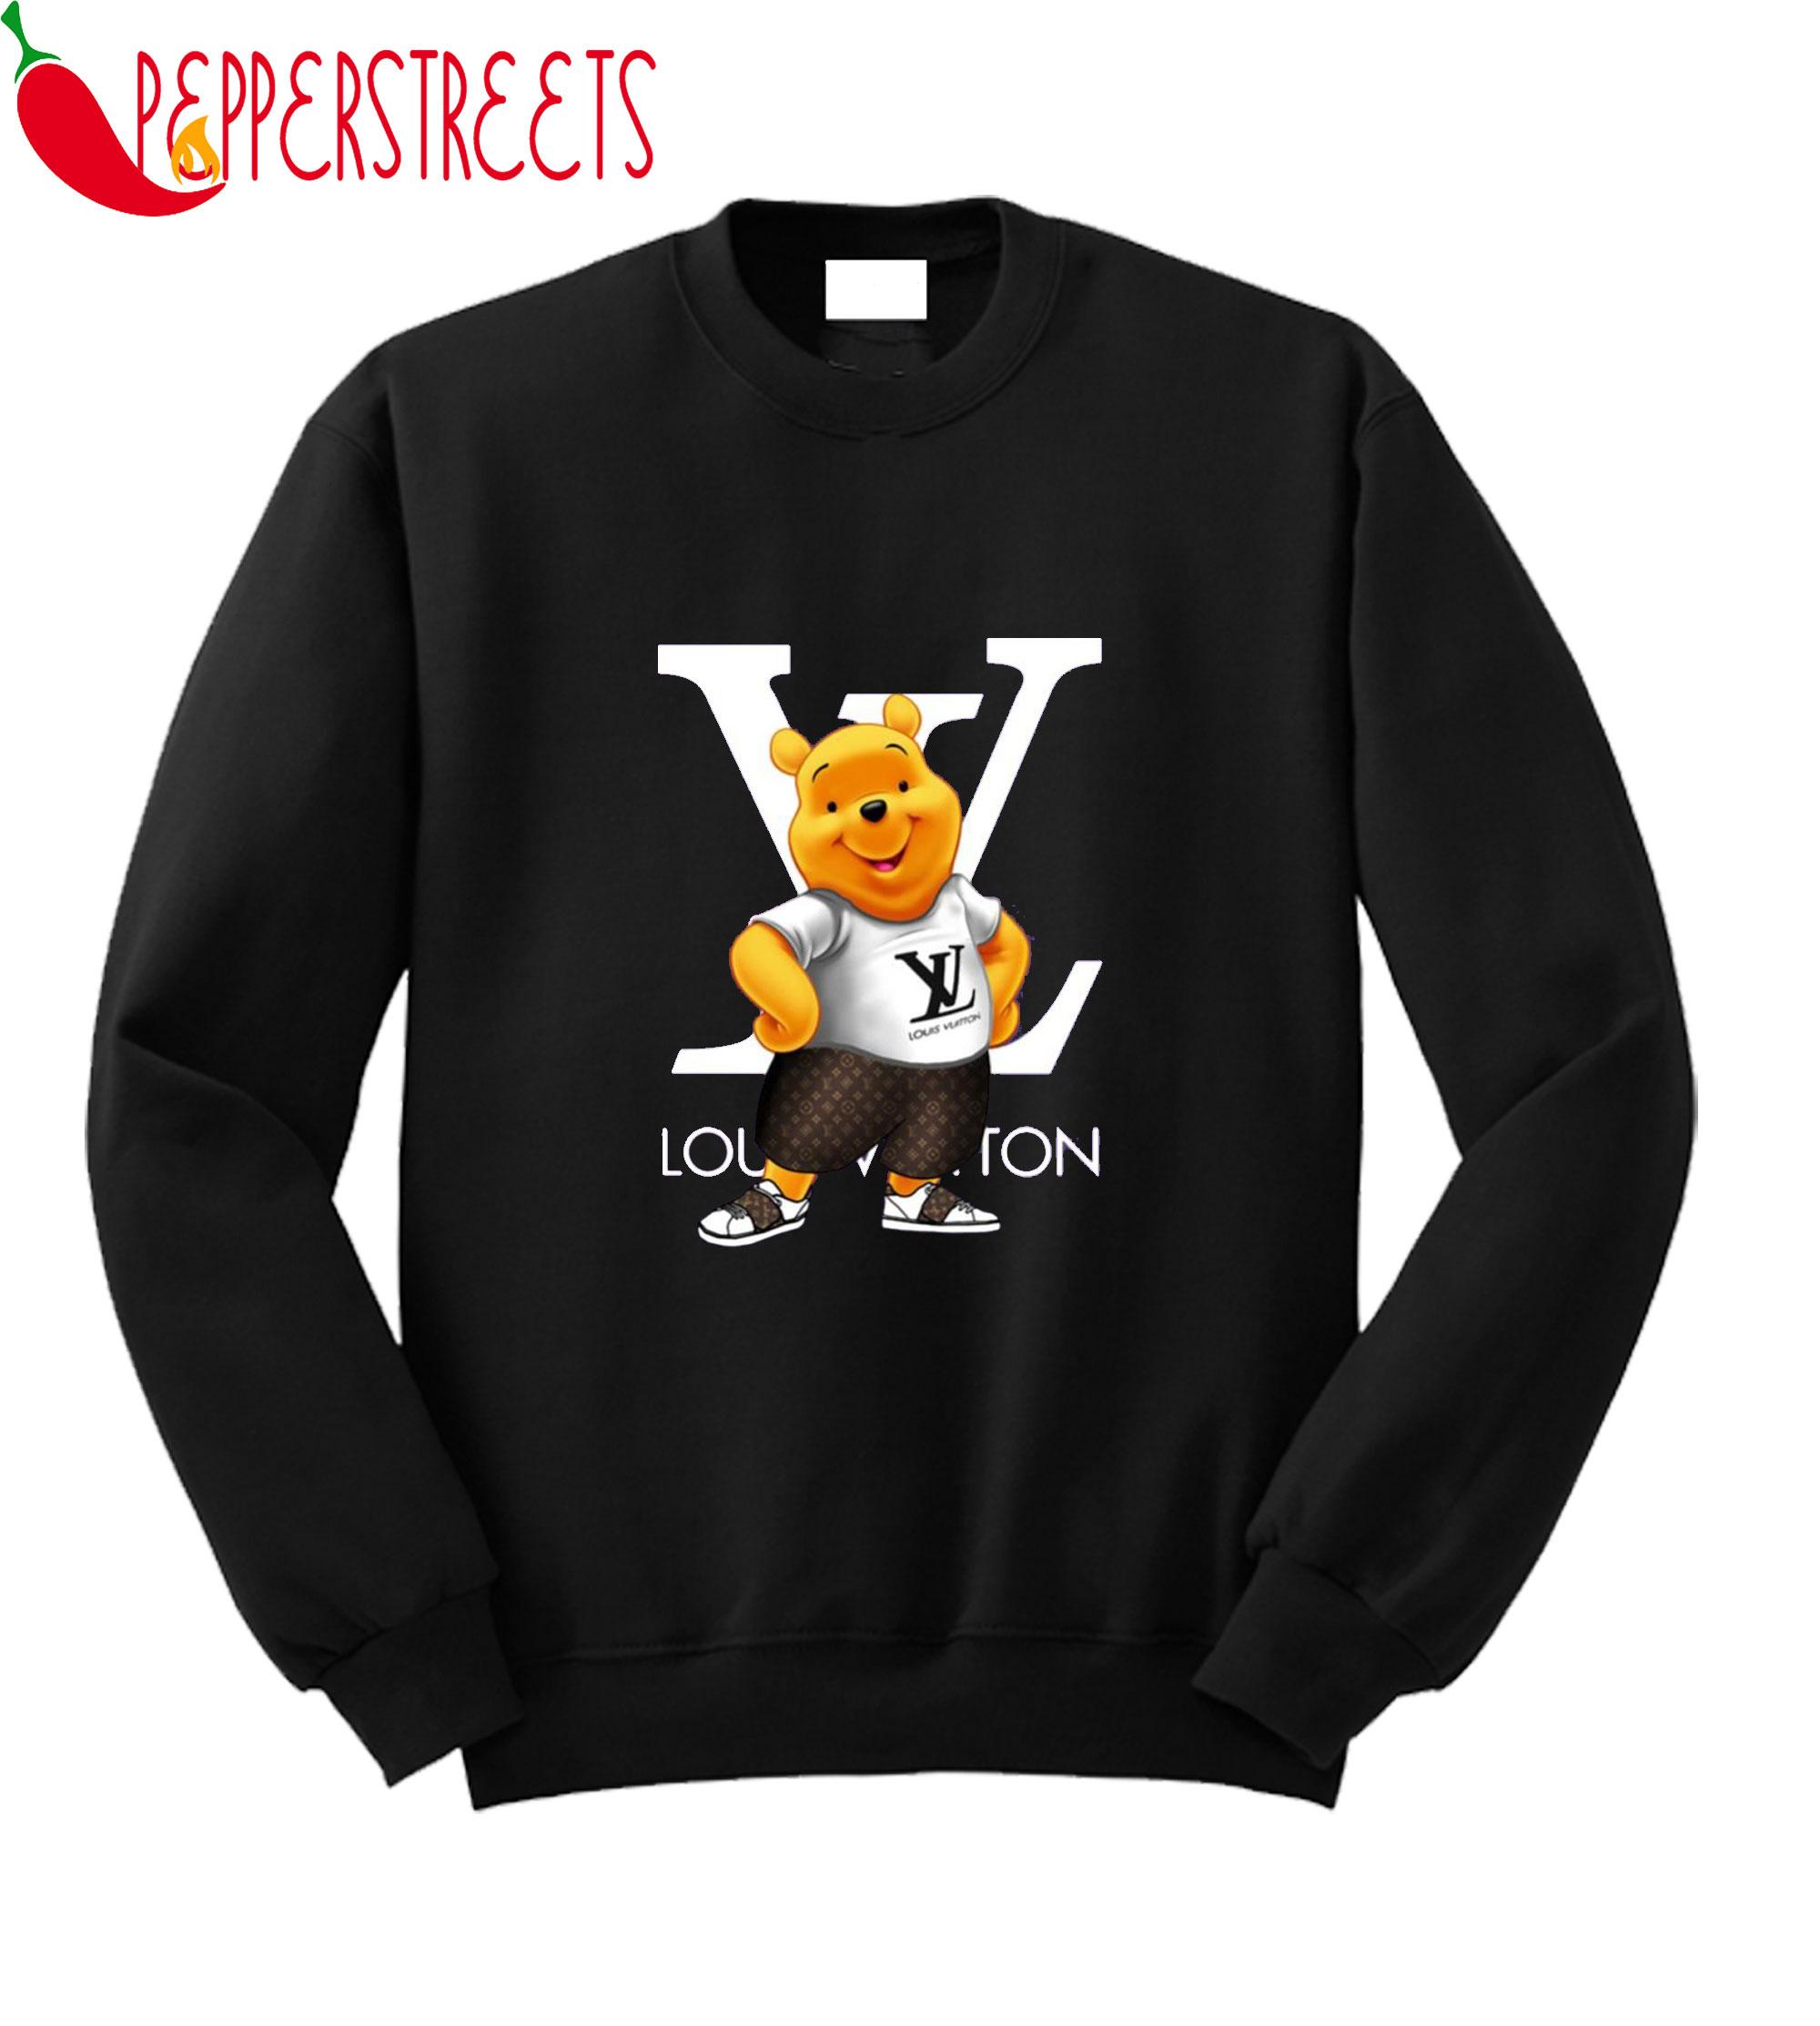 Winnie The Pooh Louis Vuitton Sweatshirt